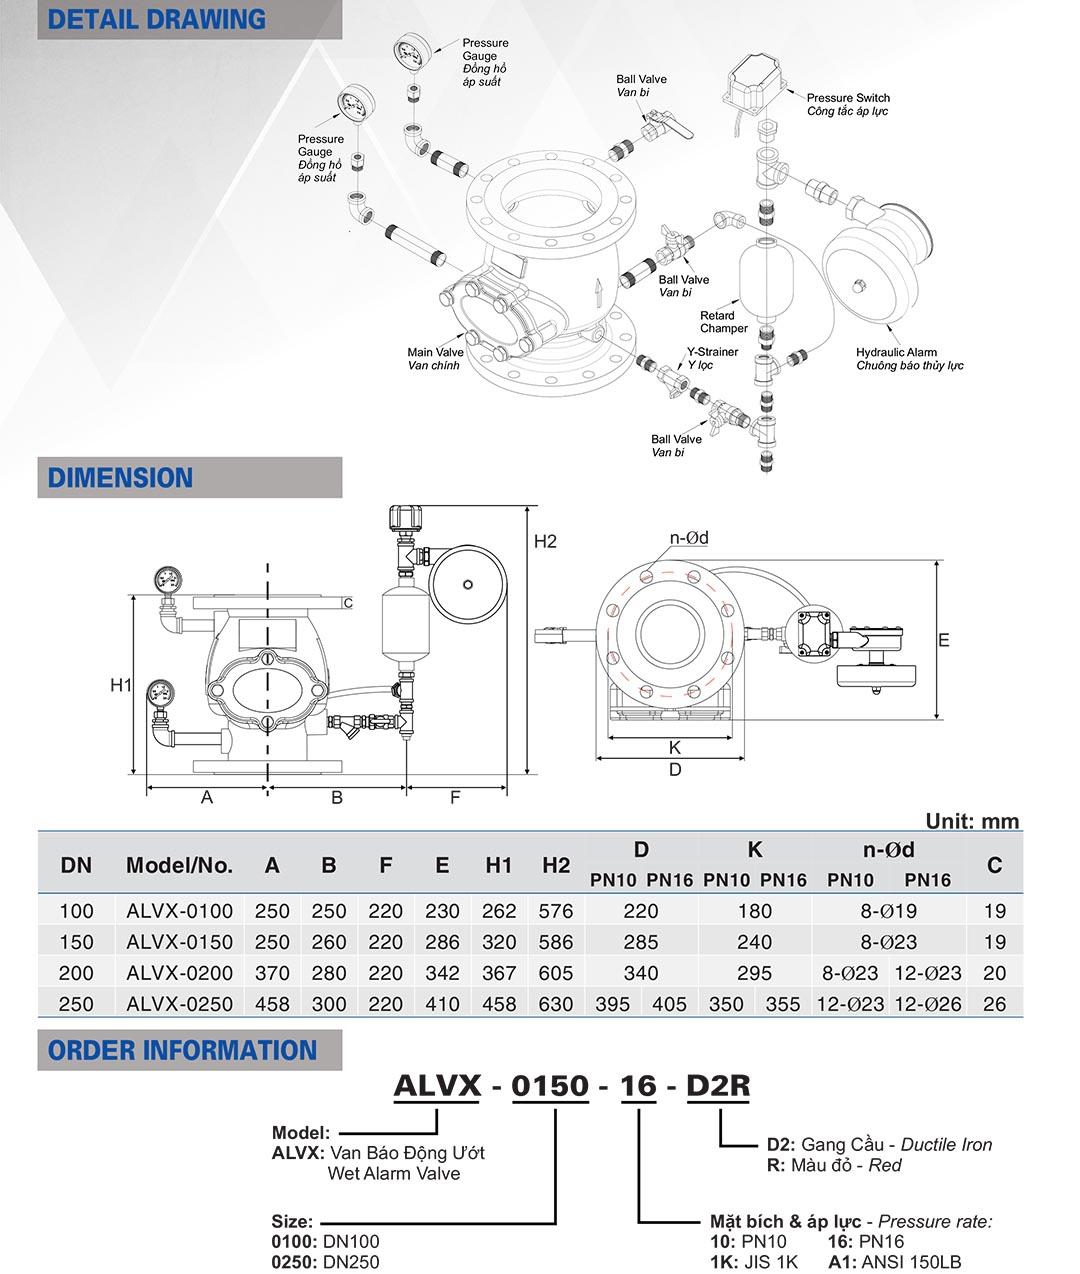 Catalogue van báo động shin yi, Thông số kỹ thuật van báo động shin yi